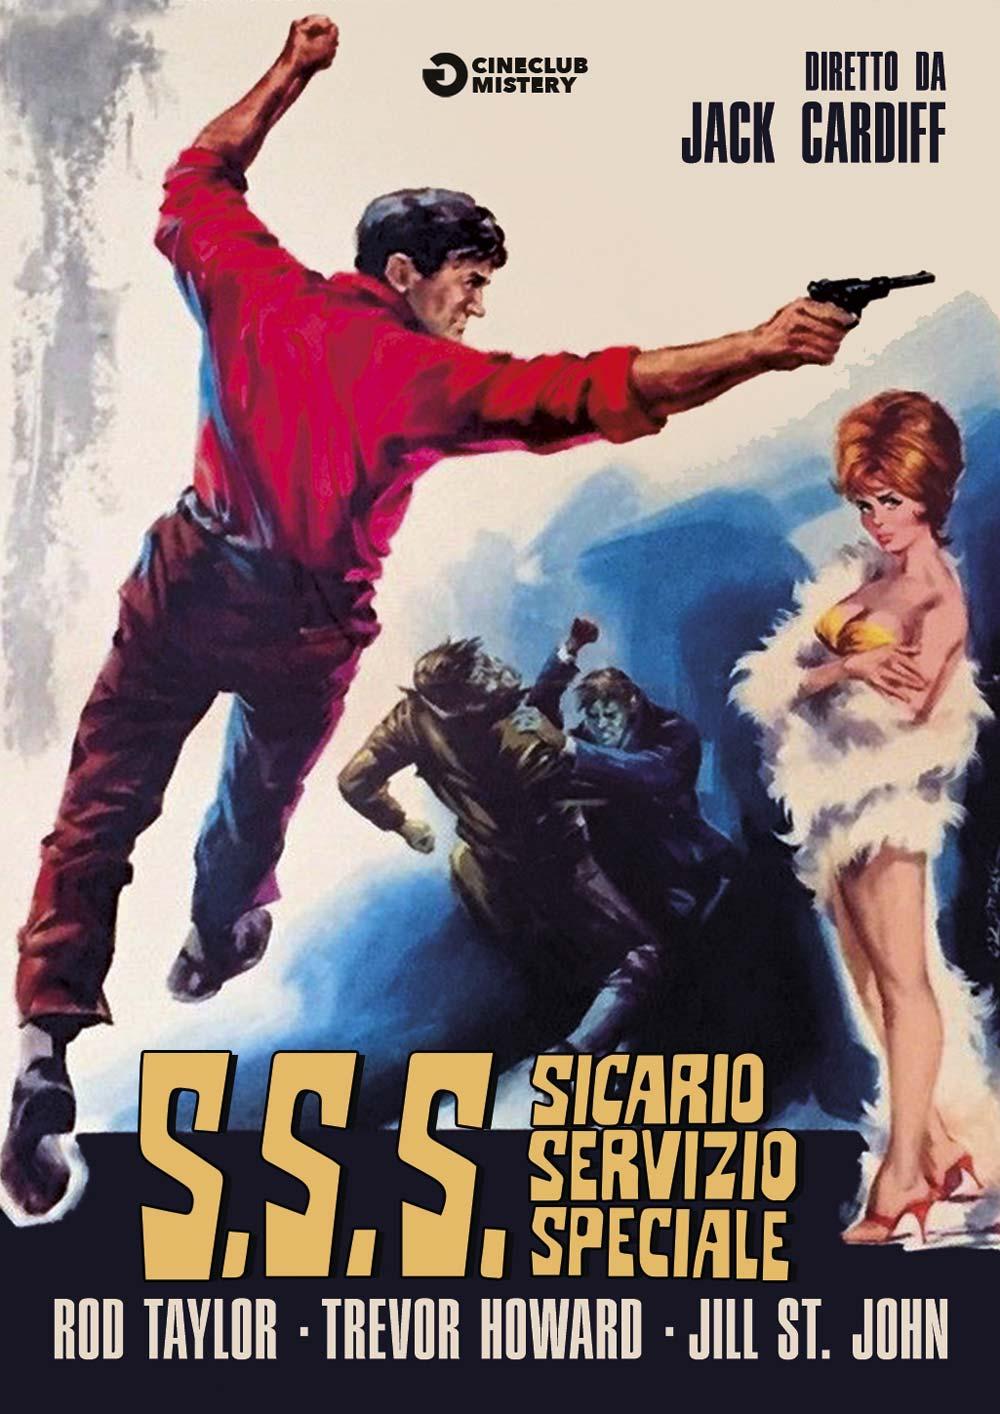 S.S.S. - SICARIO SERVIZIO SPECIALE (DVD)